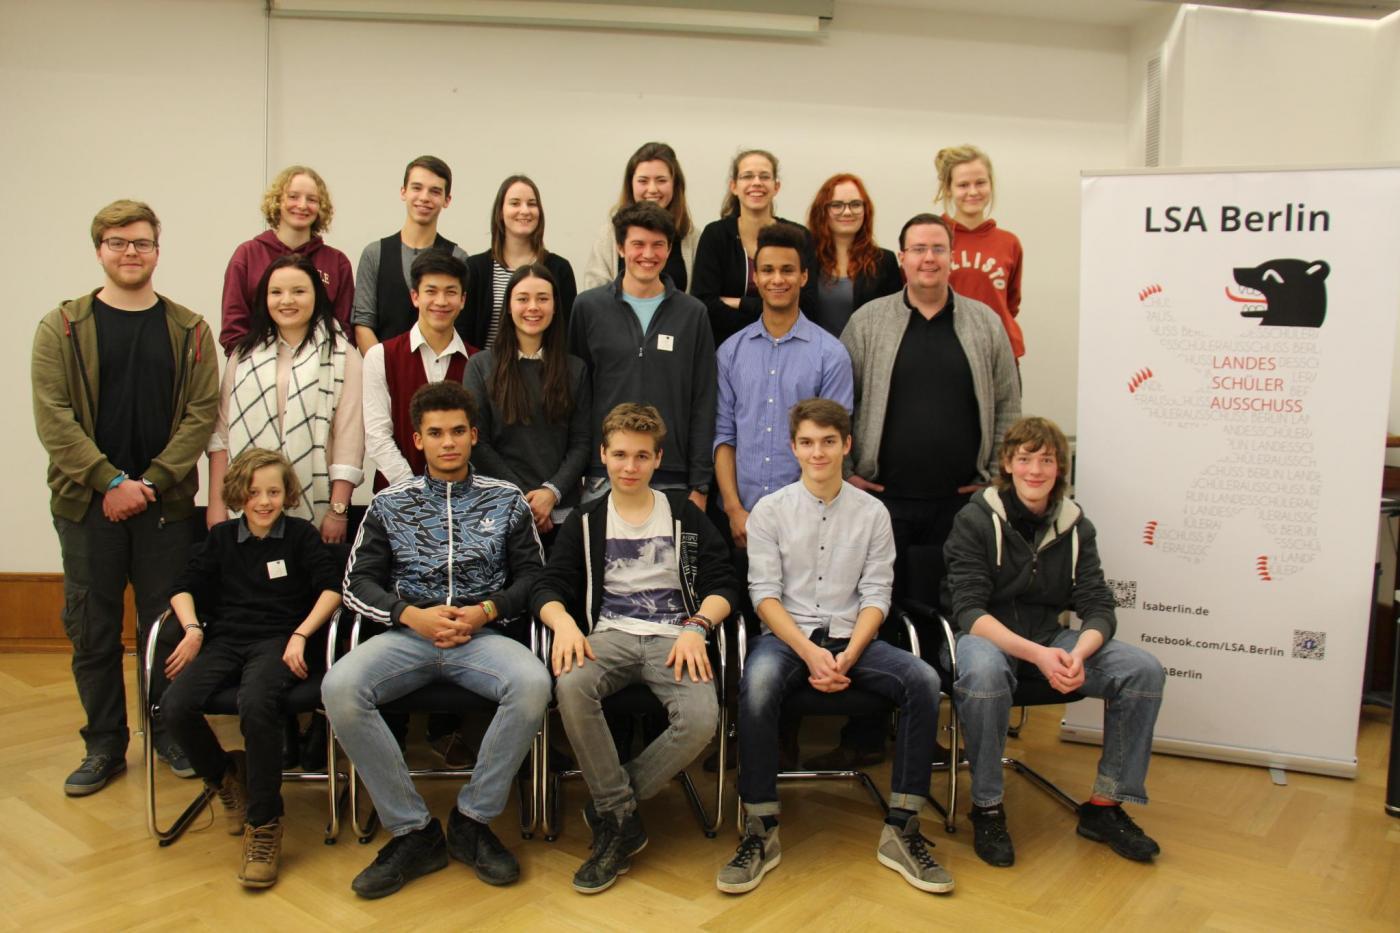 LSA Berlin auf der 1. Sitzung 2017 (Rotes Rathaus, 17.1.17)